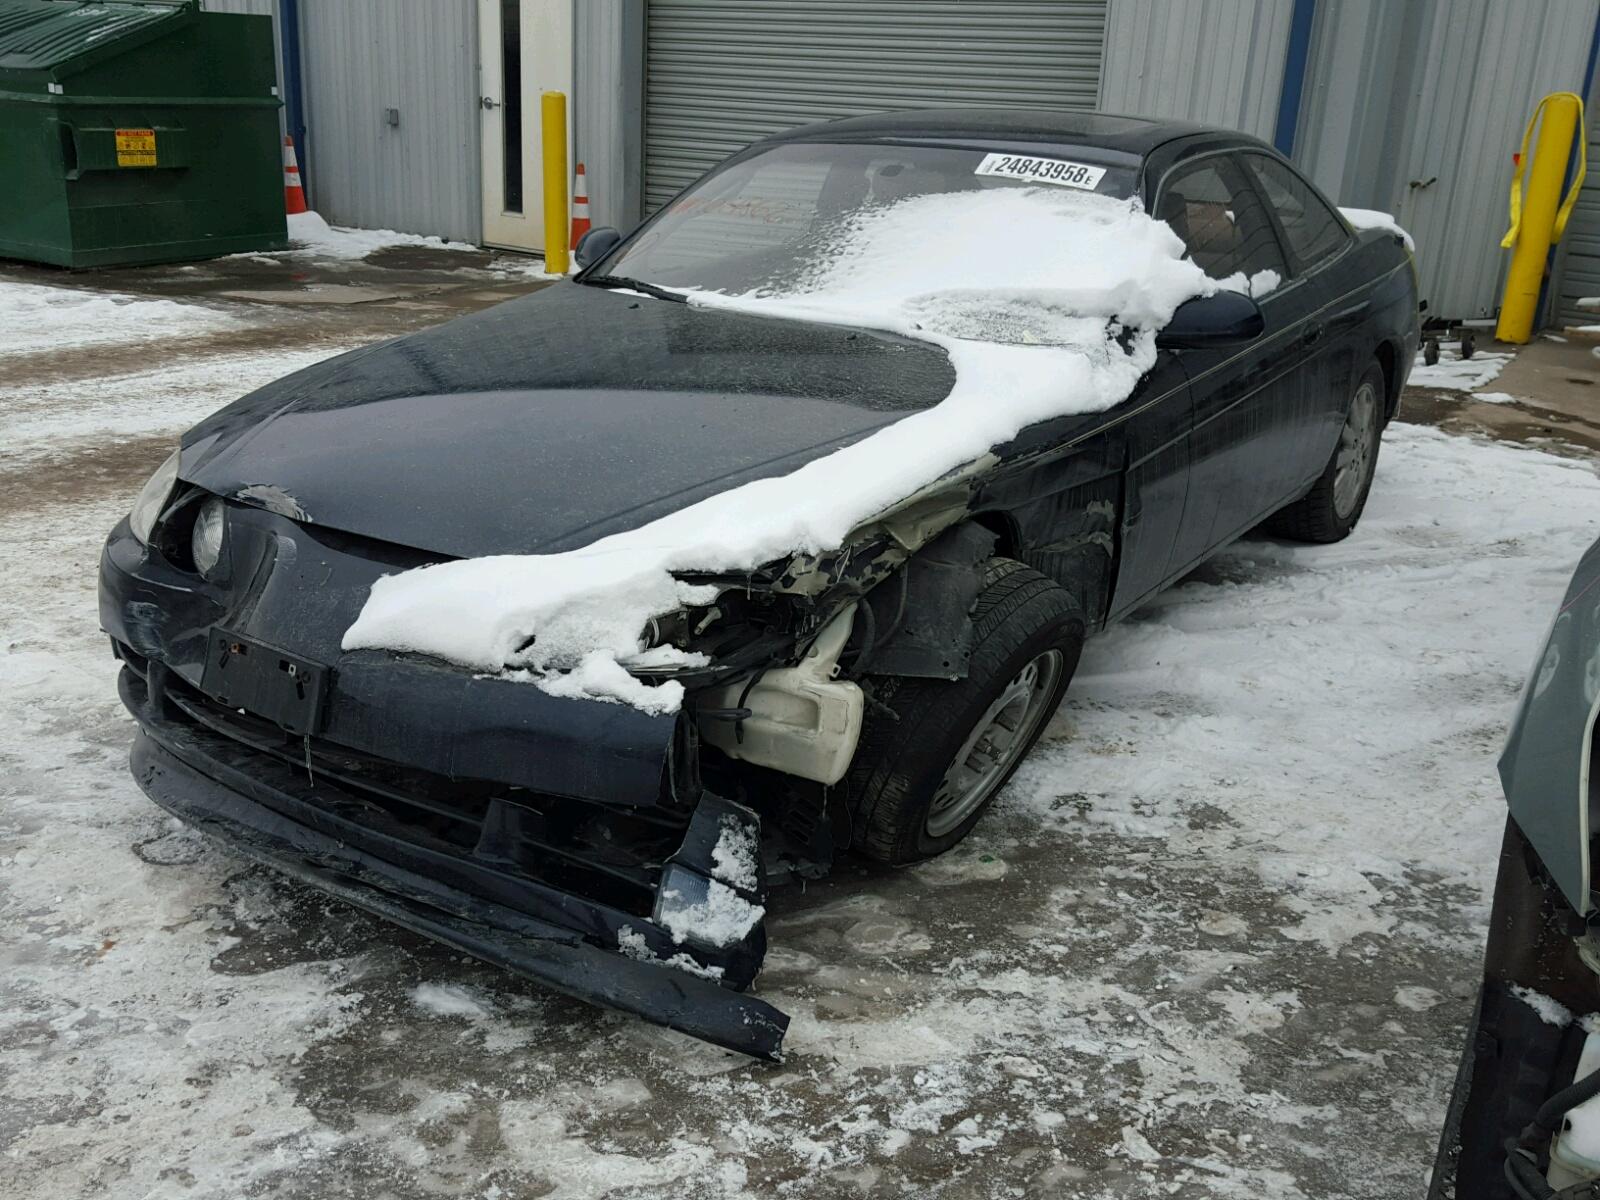 Auto Auction Ended On Vin Jt8uz30c0n0014862 1992 Lexus Sc 400 In Ks Super Coupe 40l Right View